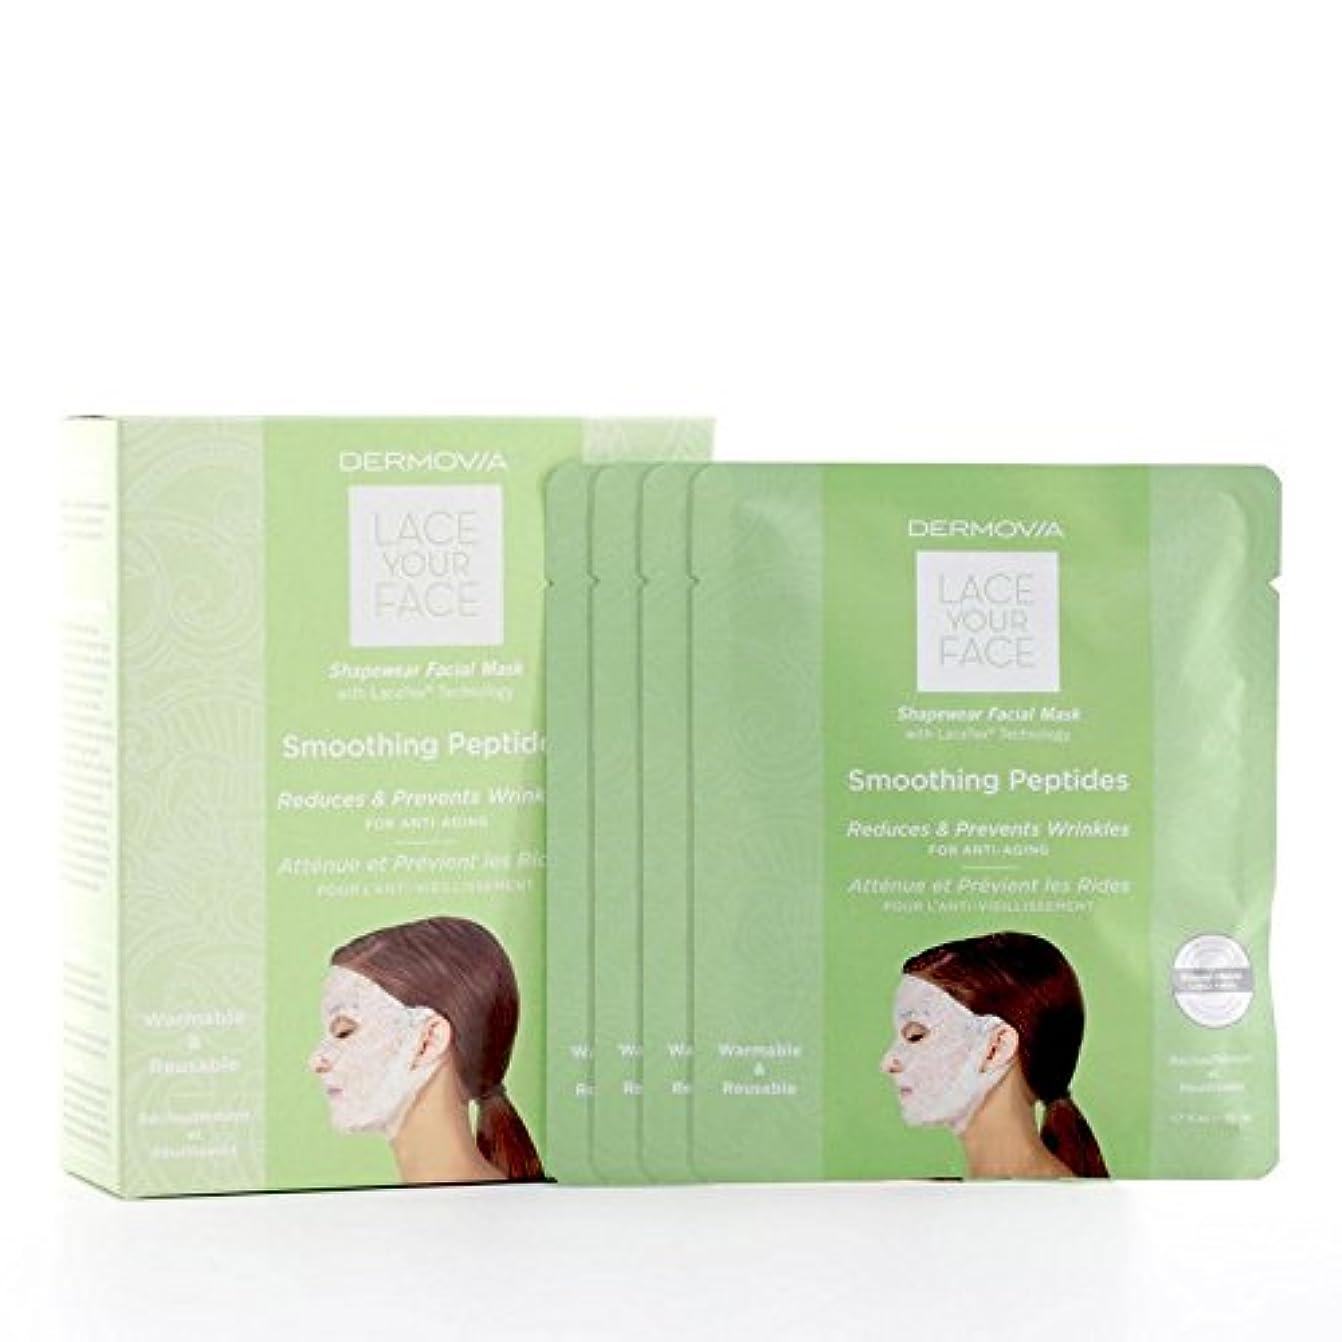 切手ディスパッチシビックDermovia Lace Your Face Compression Facial Mask Smoothing Peptides (Pack of 6) - は、あなたの顔の圧縮フェイシャルマスク平滑化ペプチドをひもで...